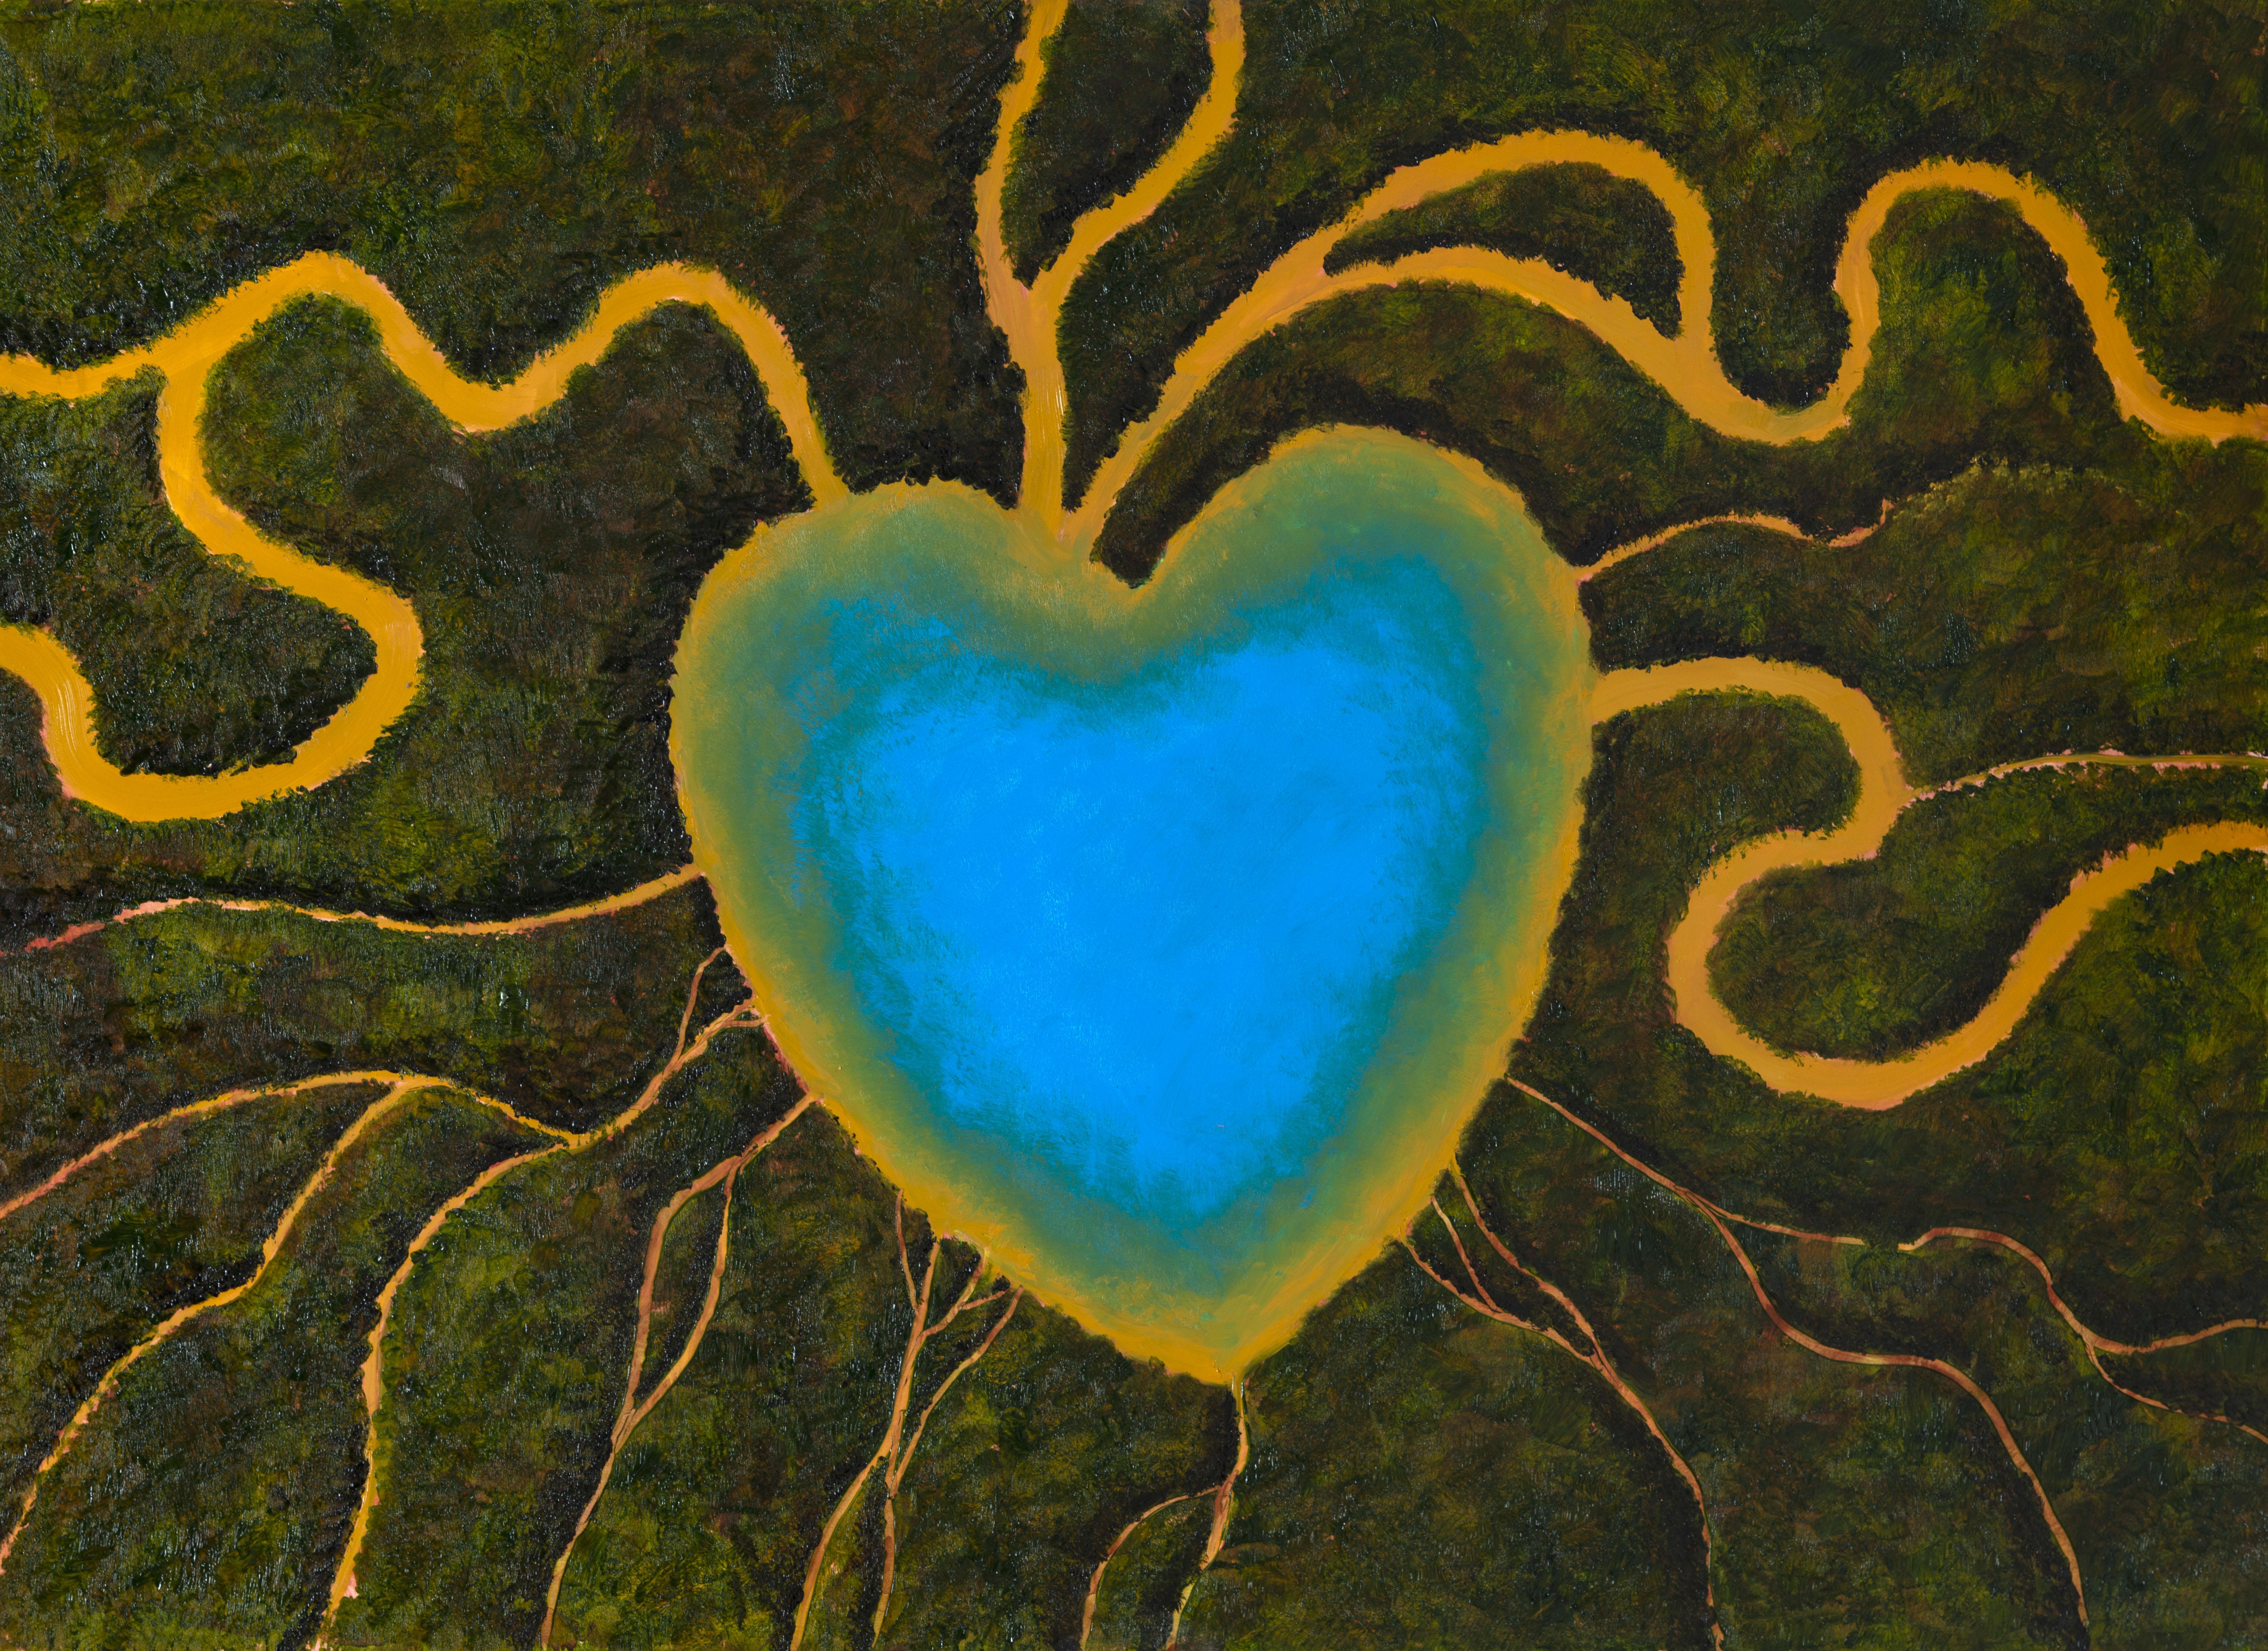 corazon-nacimiento-1556558920